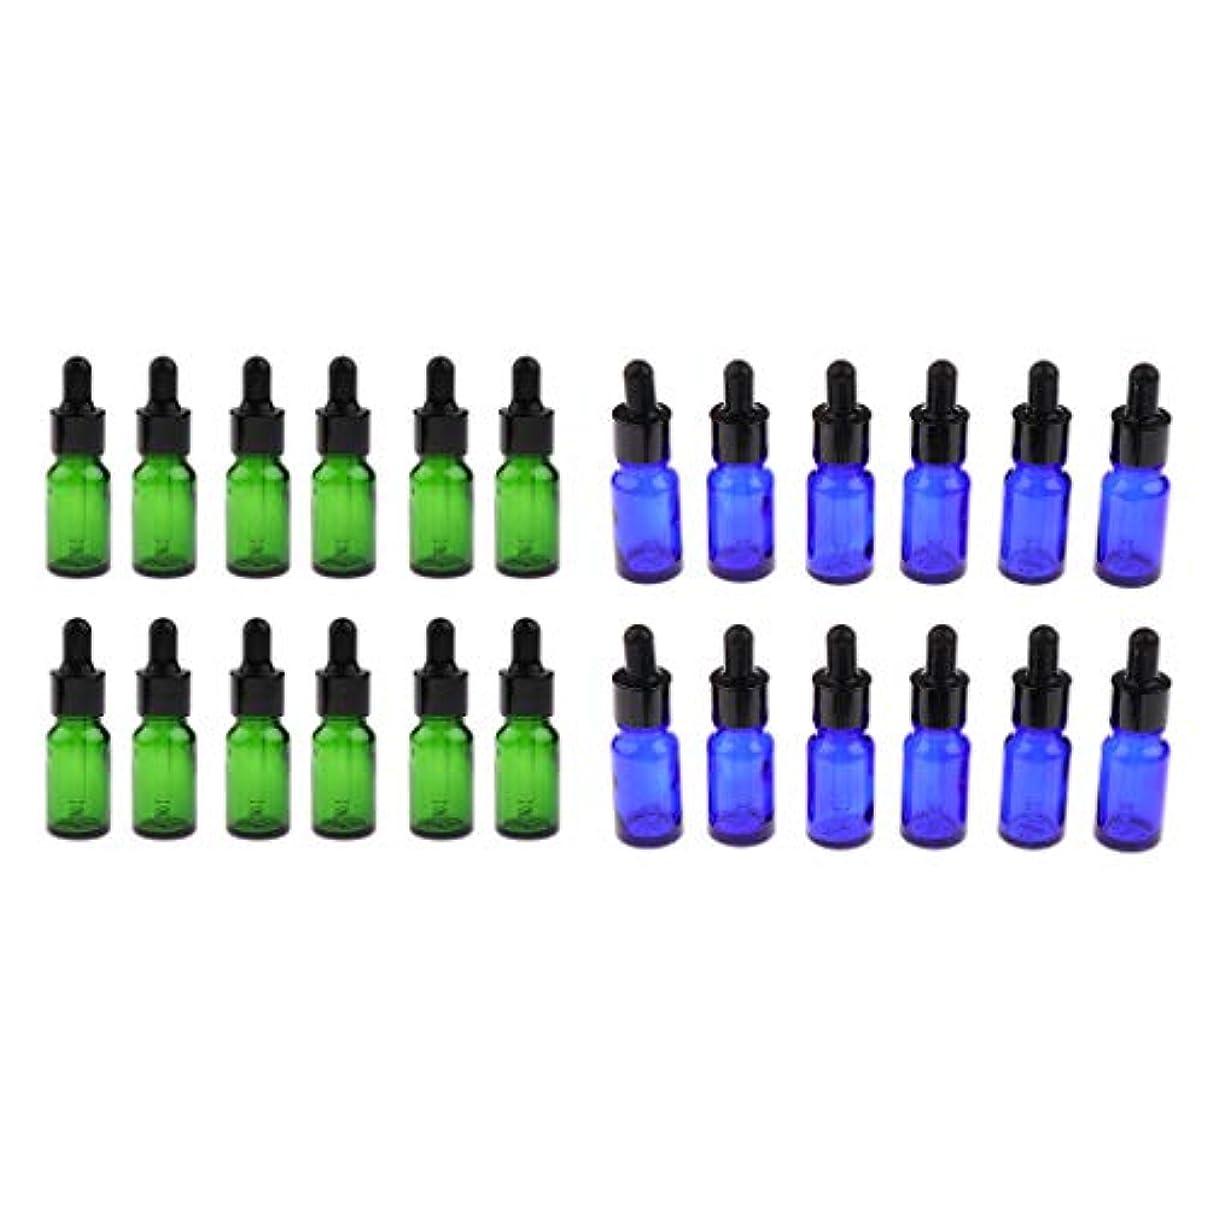 場合シットコム振り子ガラス瓶 アロマボトル 遮光ビン 精油瓶 5ml 10ml 詰替え容器 化粧ボトル 約24個